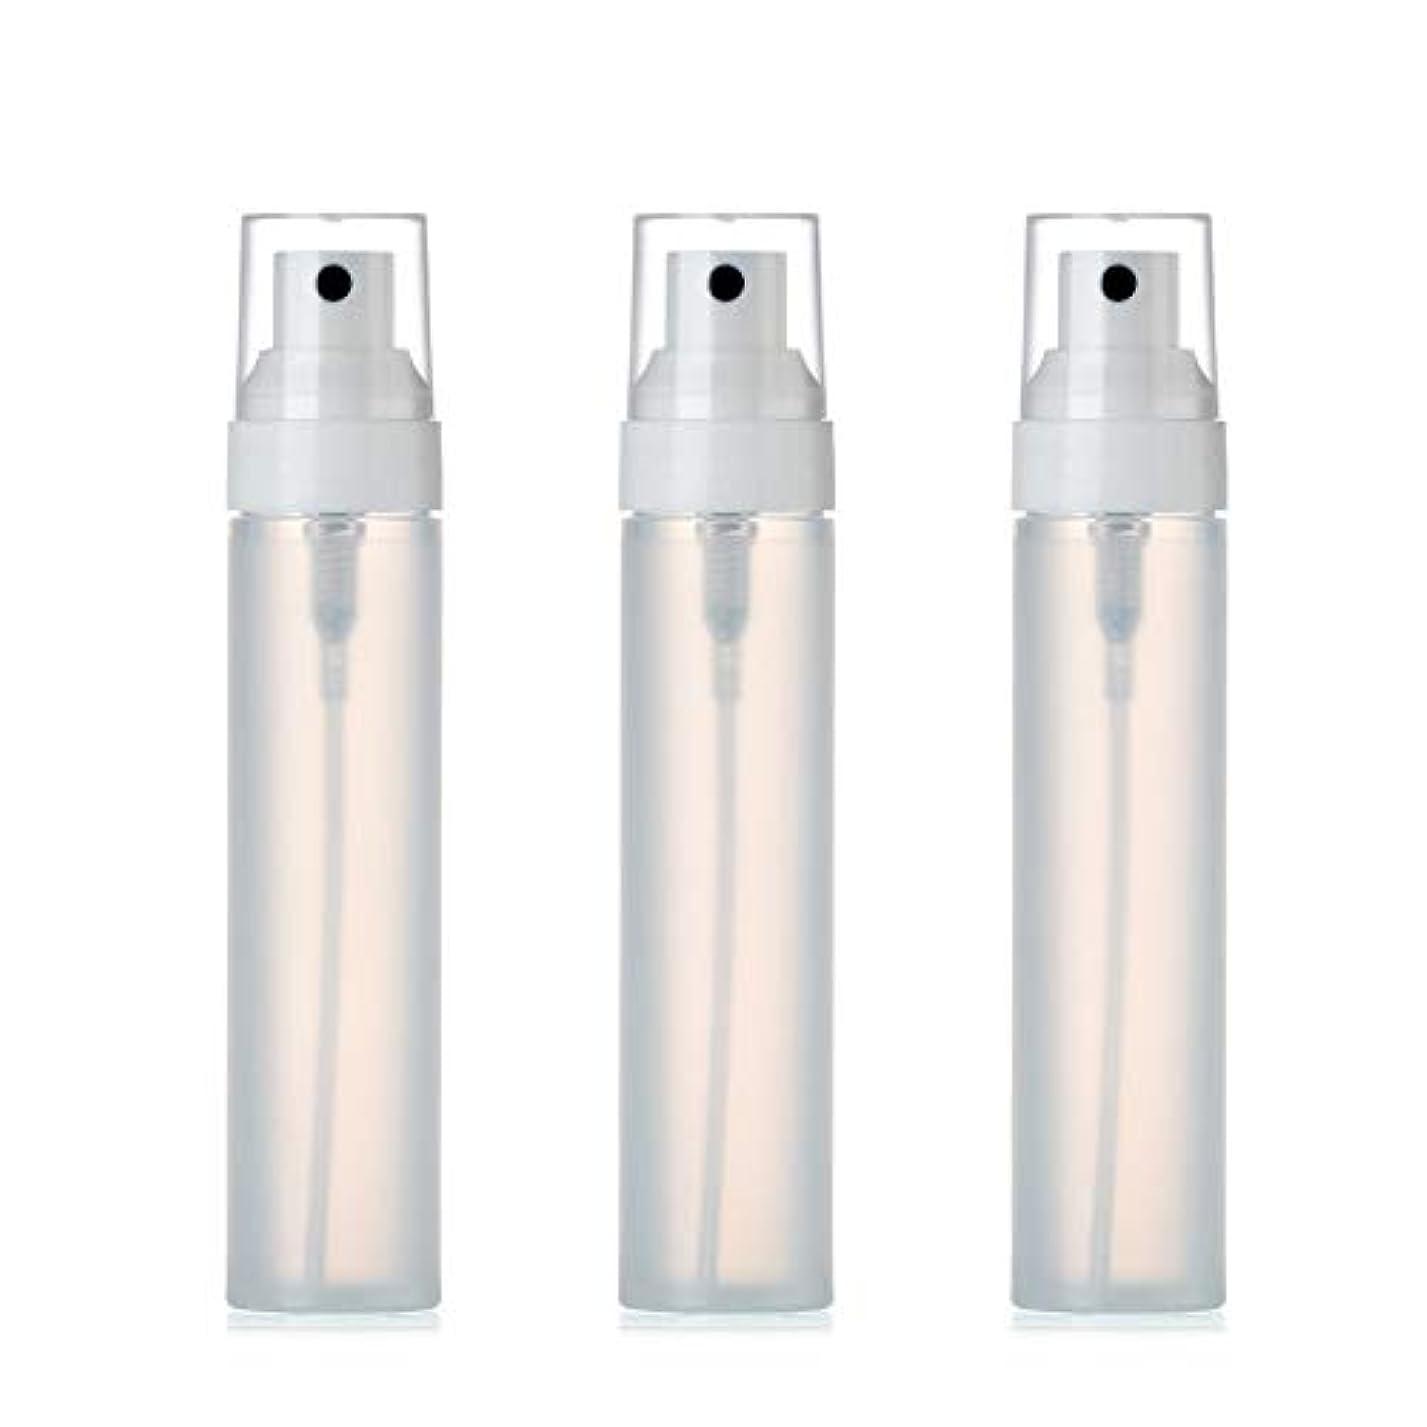 いつ震え議会極細のミスト 小分けボトル 3本セット 半透明 トラベルボトル PP 磨砂 スプレーボトル 化粧水 詰替用ボトル 霧吹き 環境保護 詰め替え容器 旅行用品 (50ml)